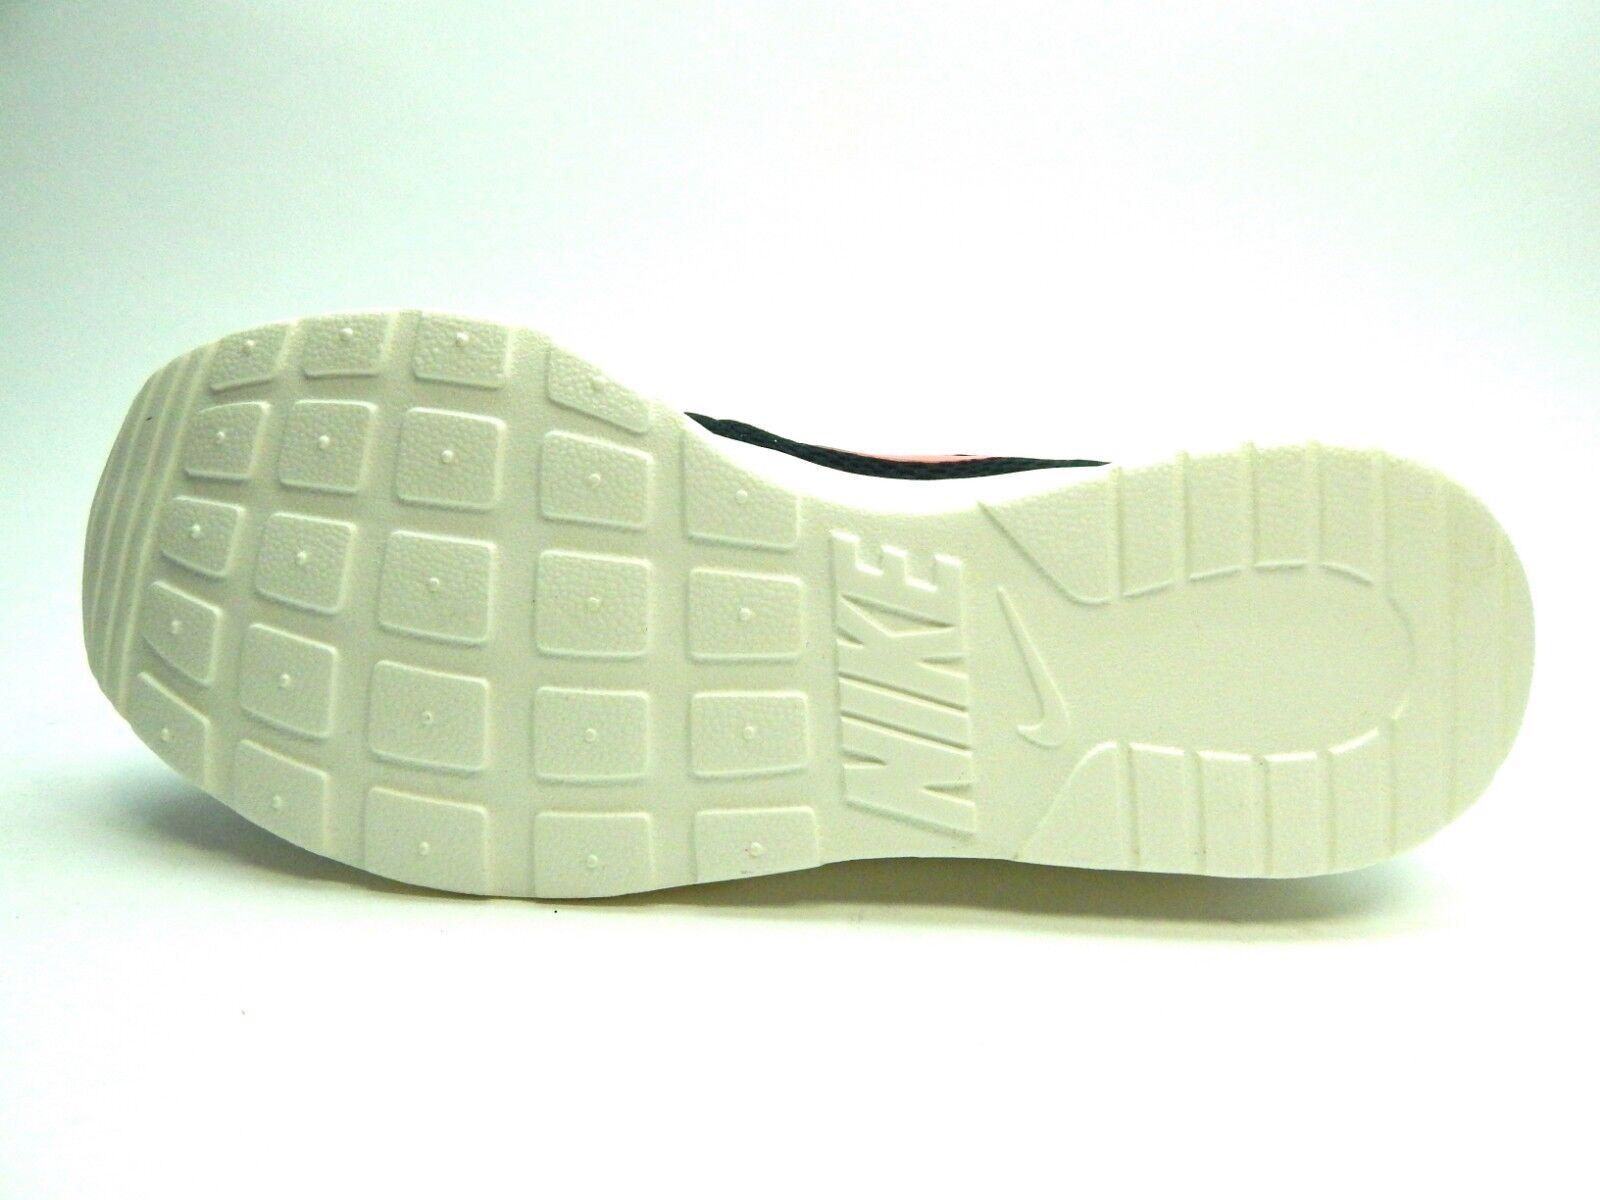 c35135af37cc6 ... NIKE TANJUN SE Men Men Men shoes size 6.5 Black solar red 3ce789 ...